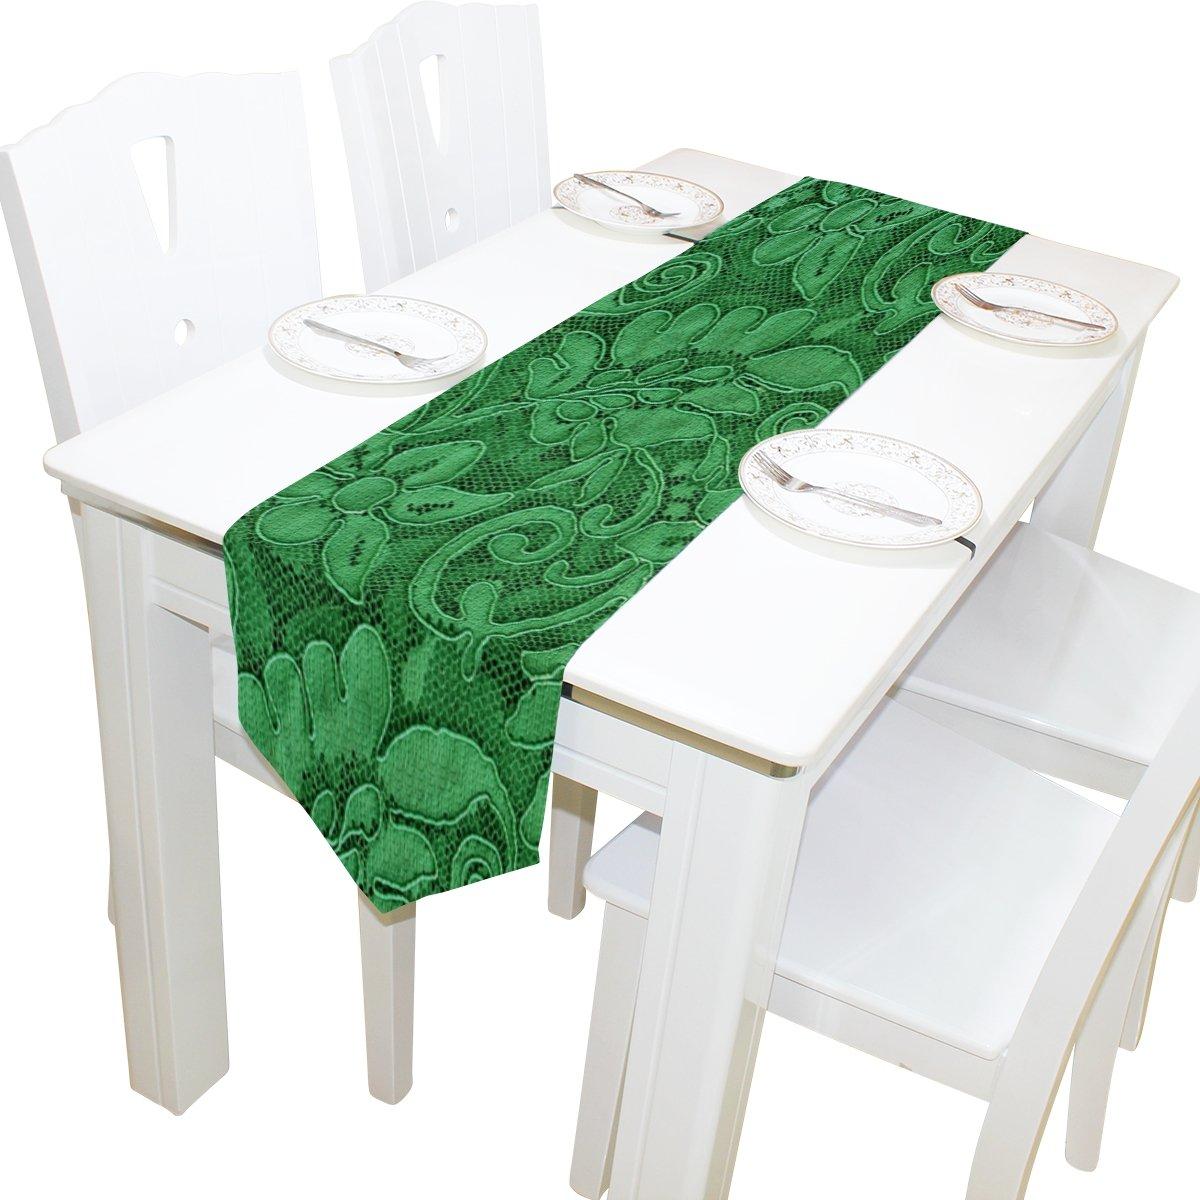 Alazaテーブルランナーウェディングパーティー宴会装飾用ホーム装飾、スタイリッシュな花柄エメラルドグリーンランナーコーヒーテーブルクロスマット13 x 70インチ 13x70 ホワイト 13x70  B07792SL24